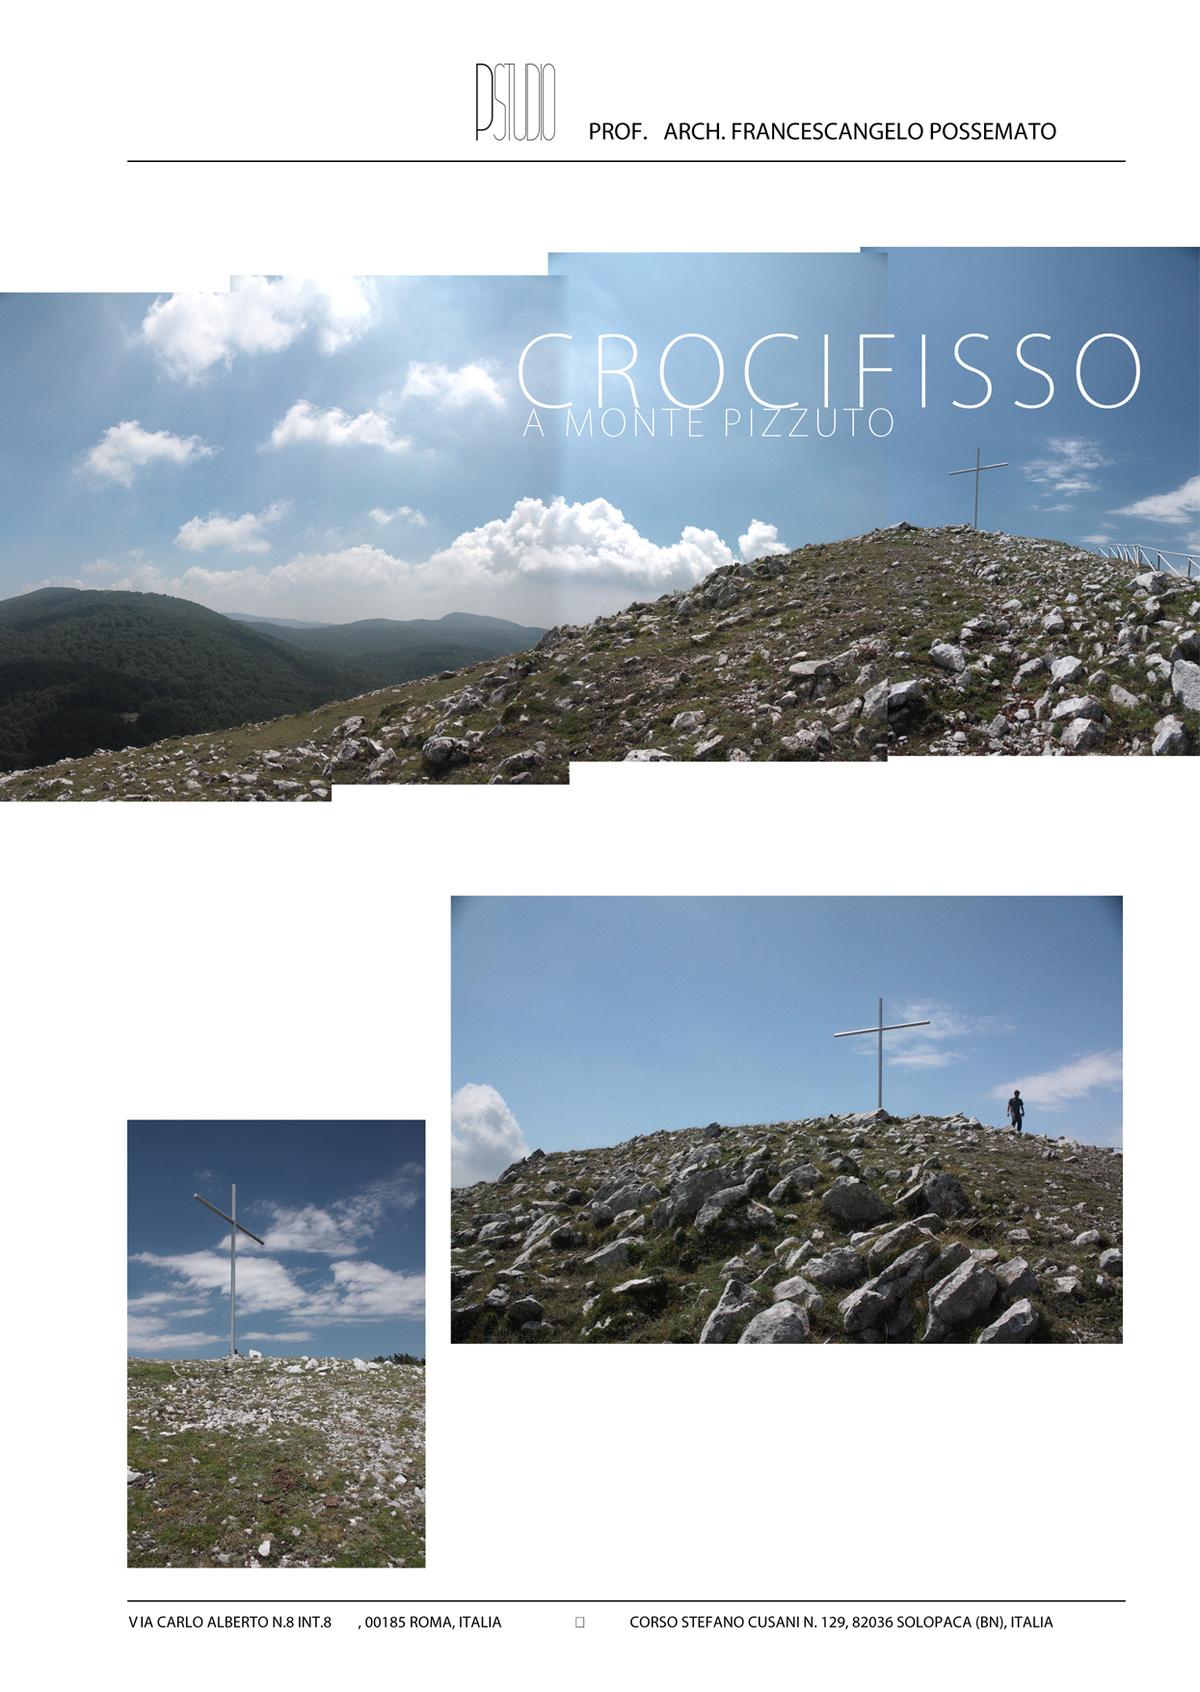 Solopaca, Italy_Crocifisso a Monte Pizzuto by Franco Possemato